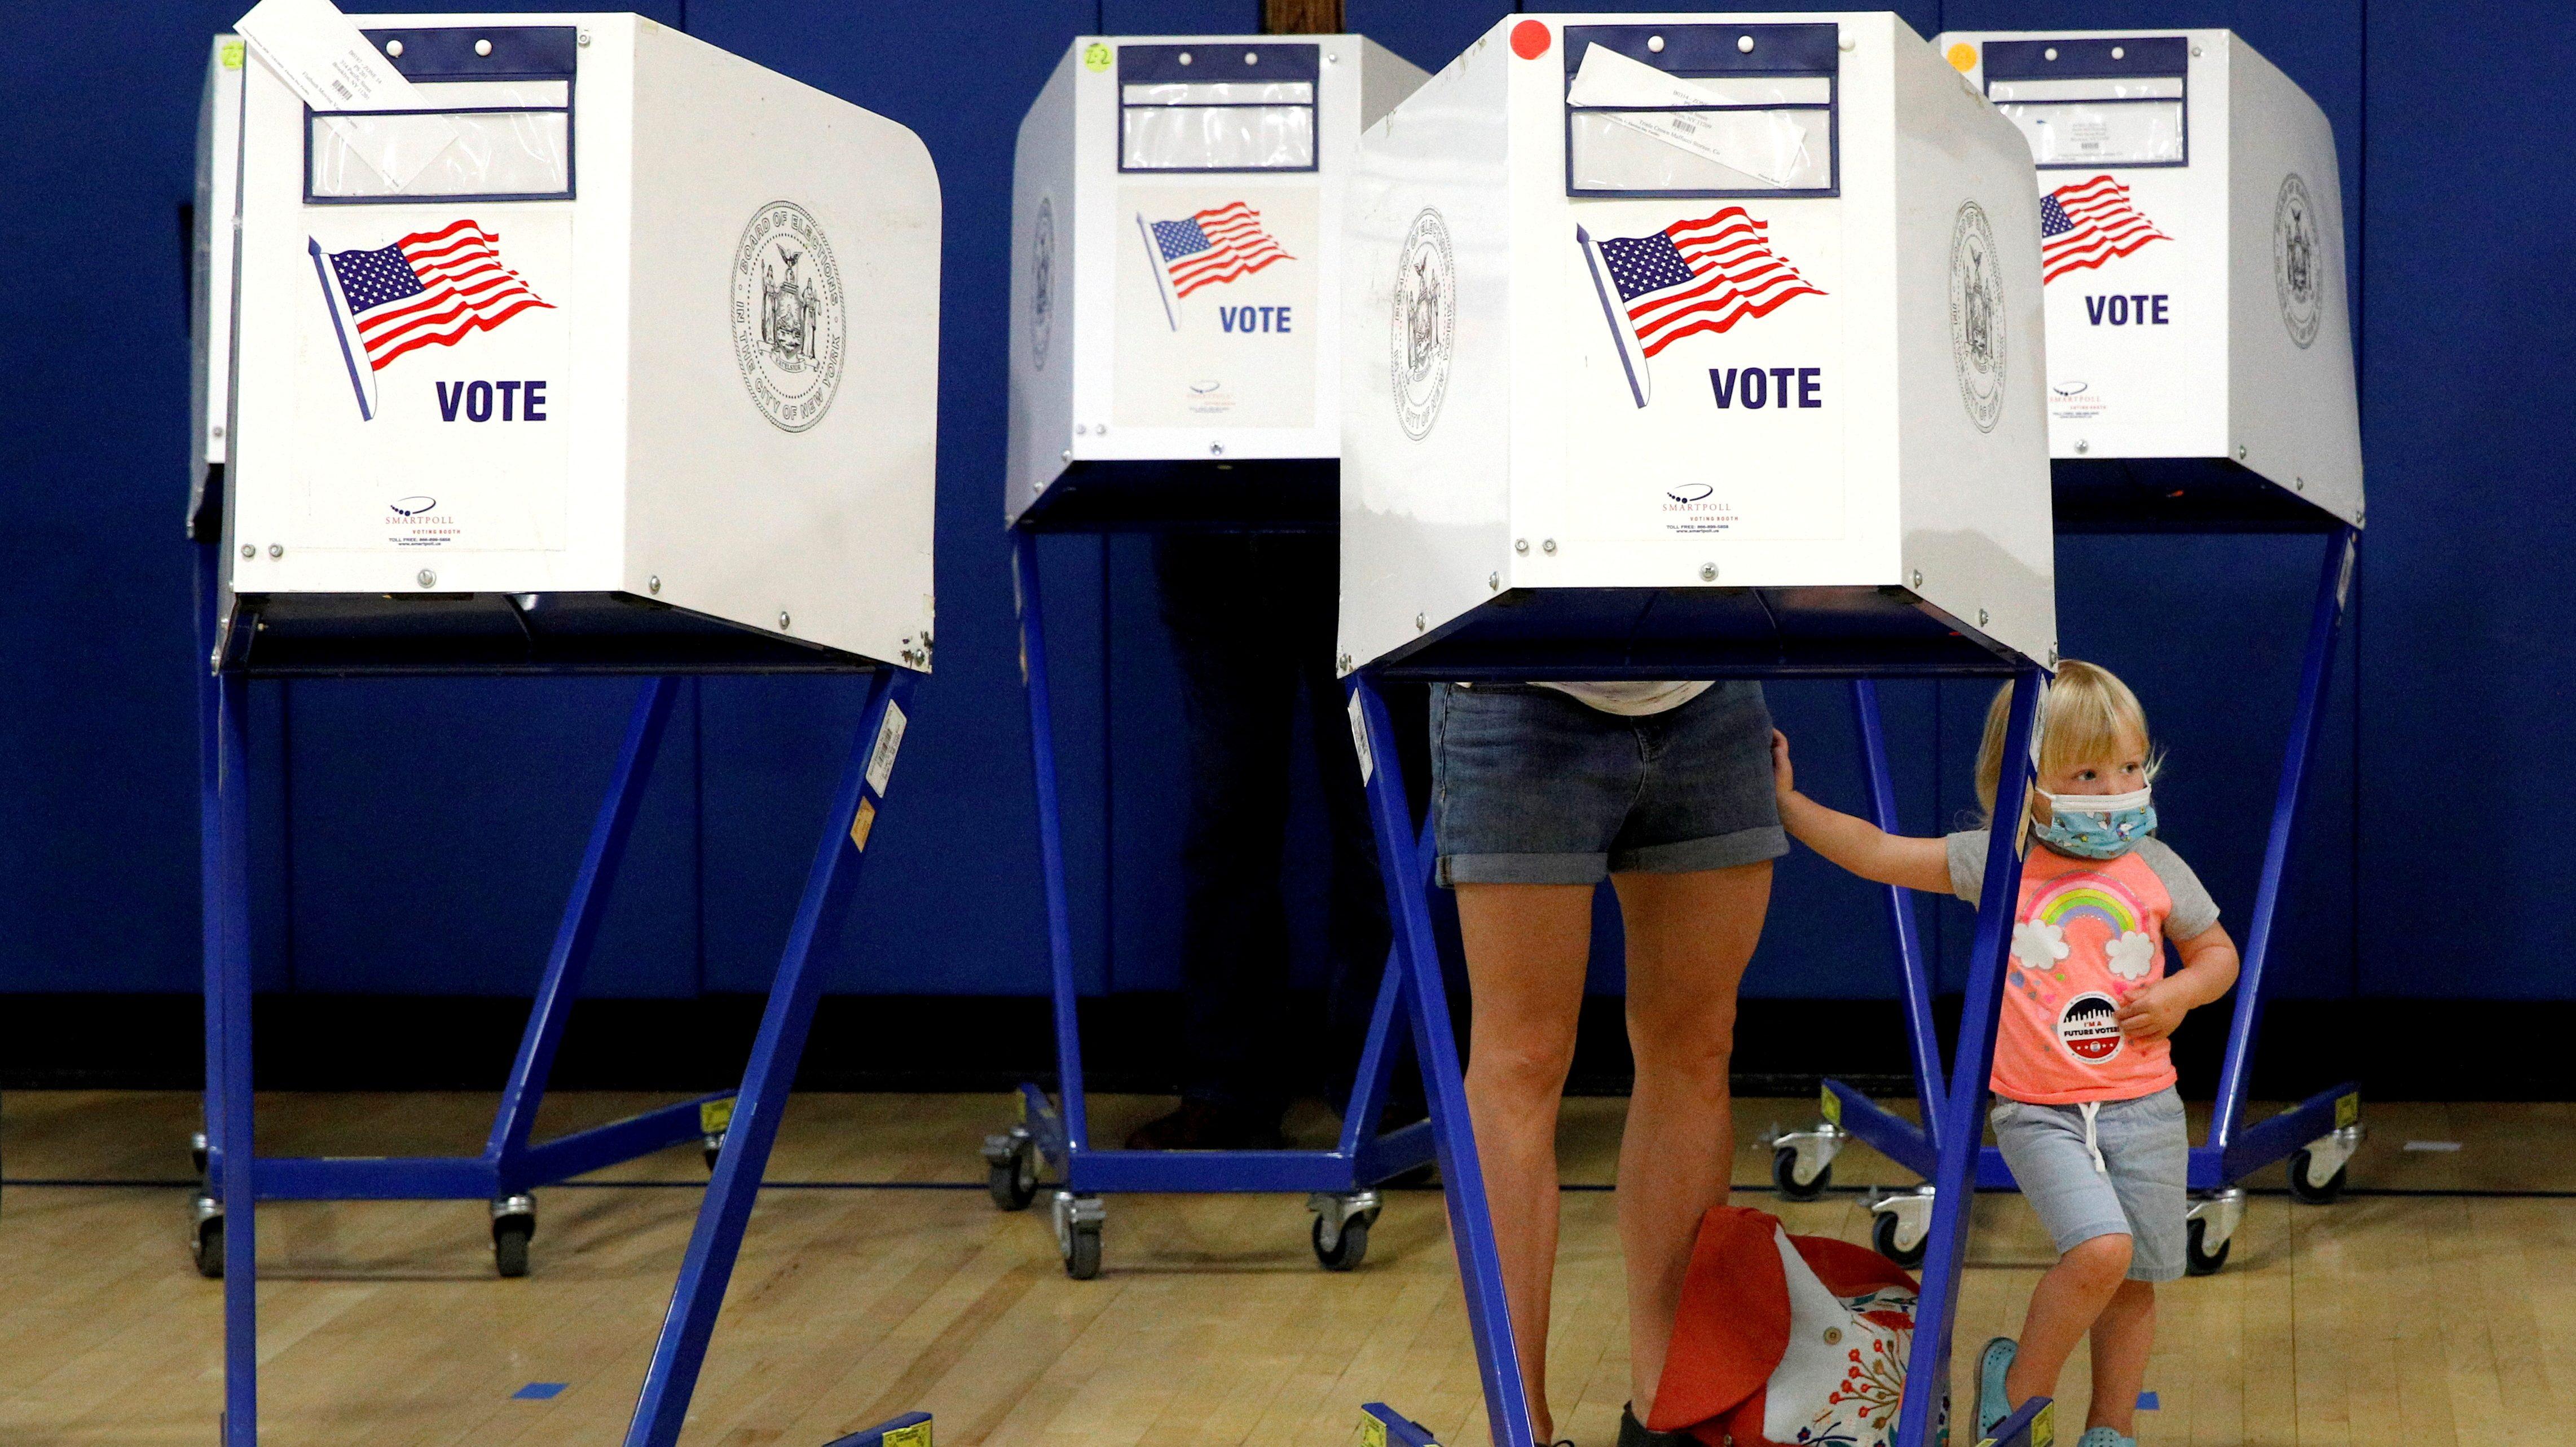 New York City primary election